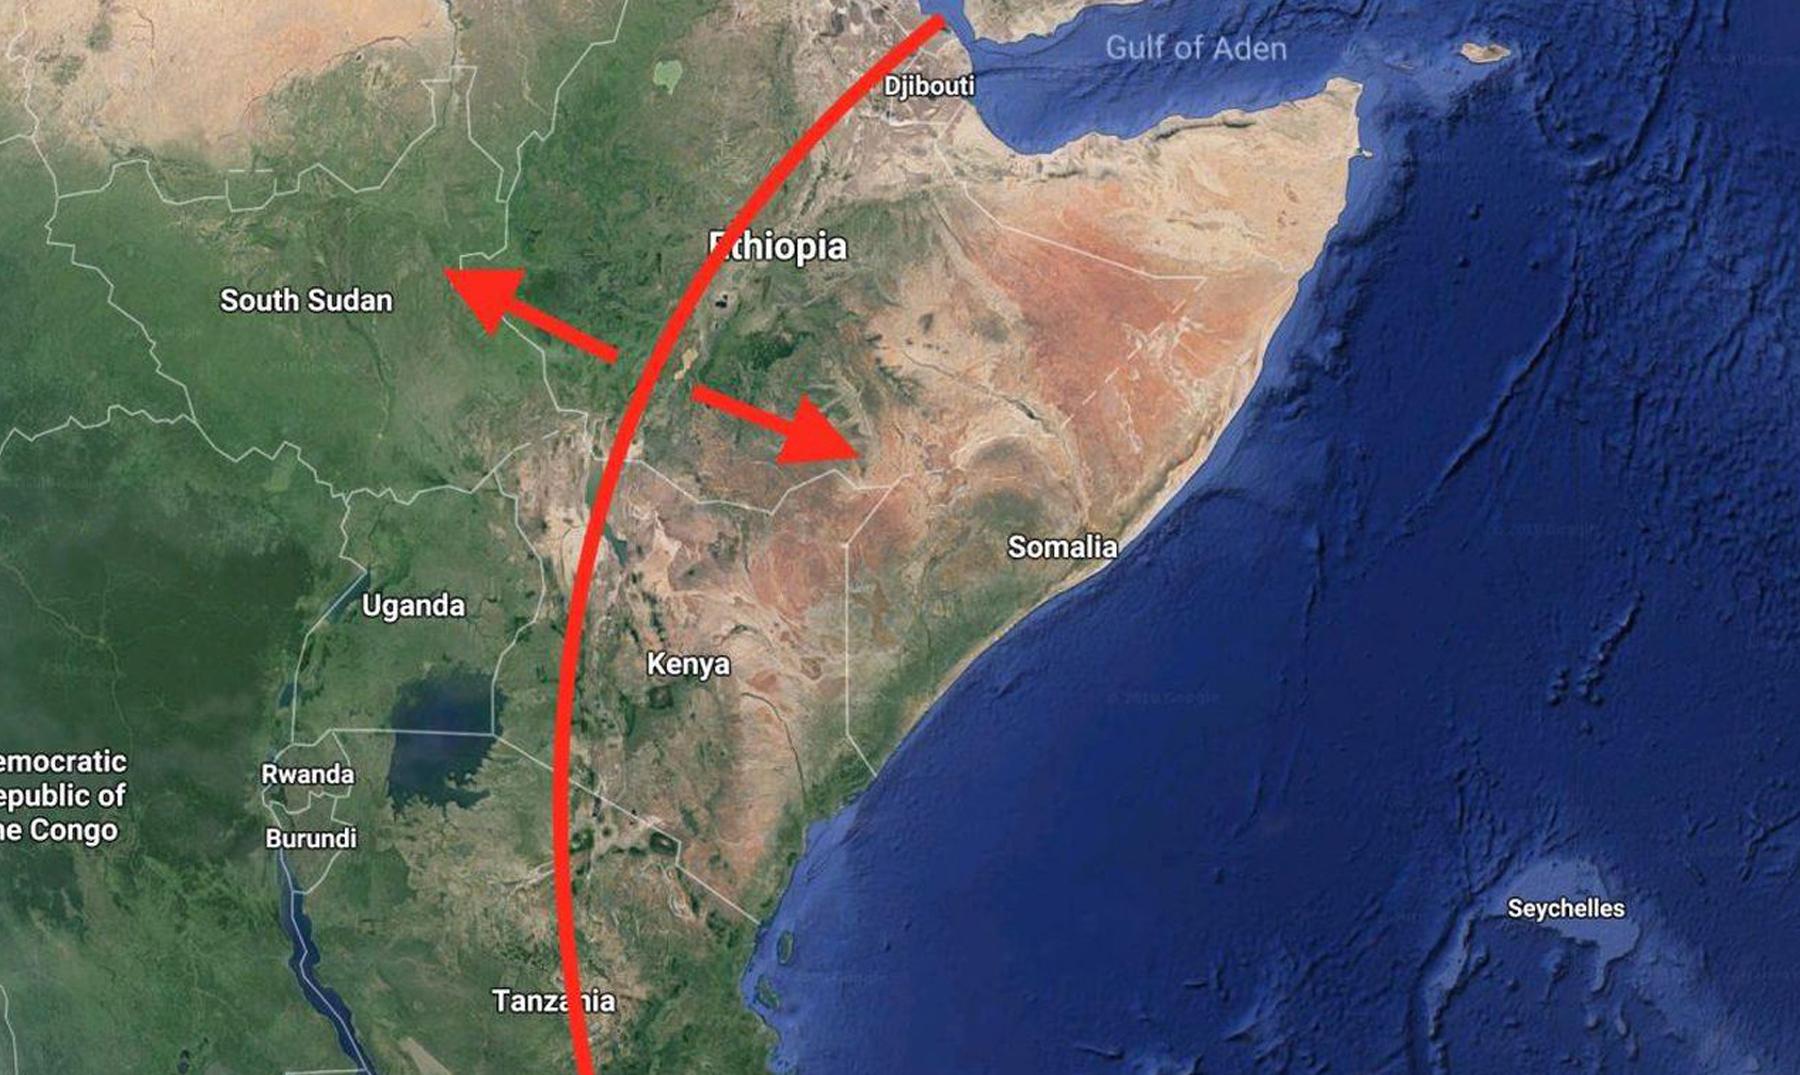 La grieta de África que parece estar partiendo el continente en 2